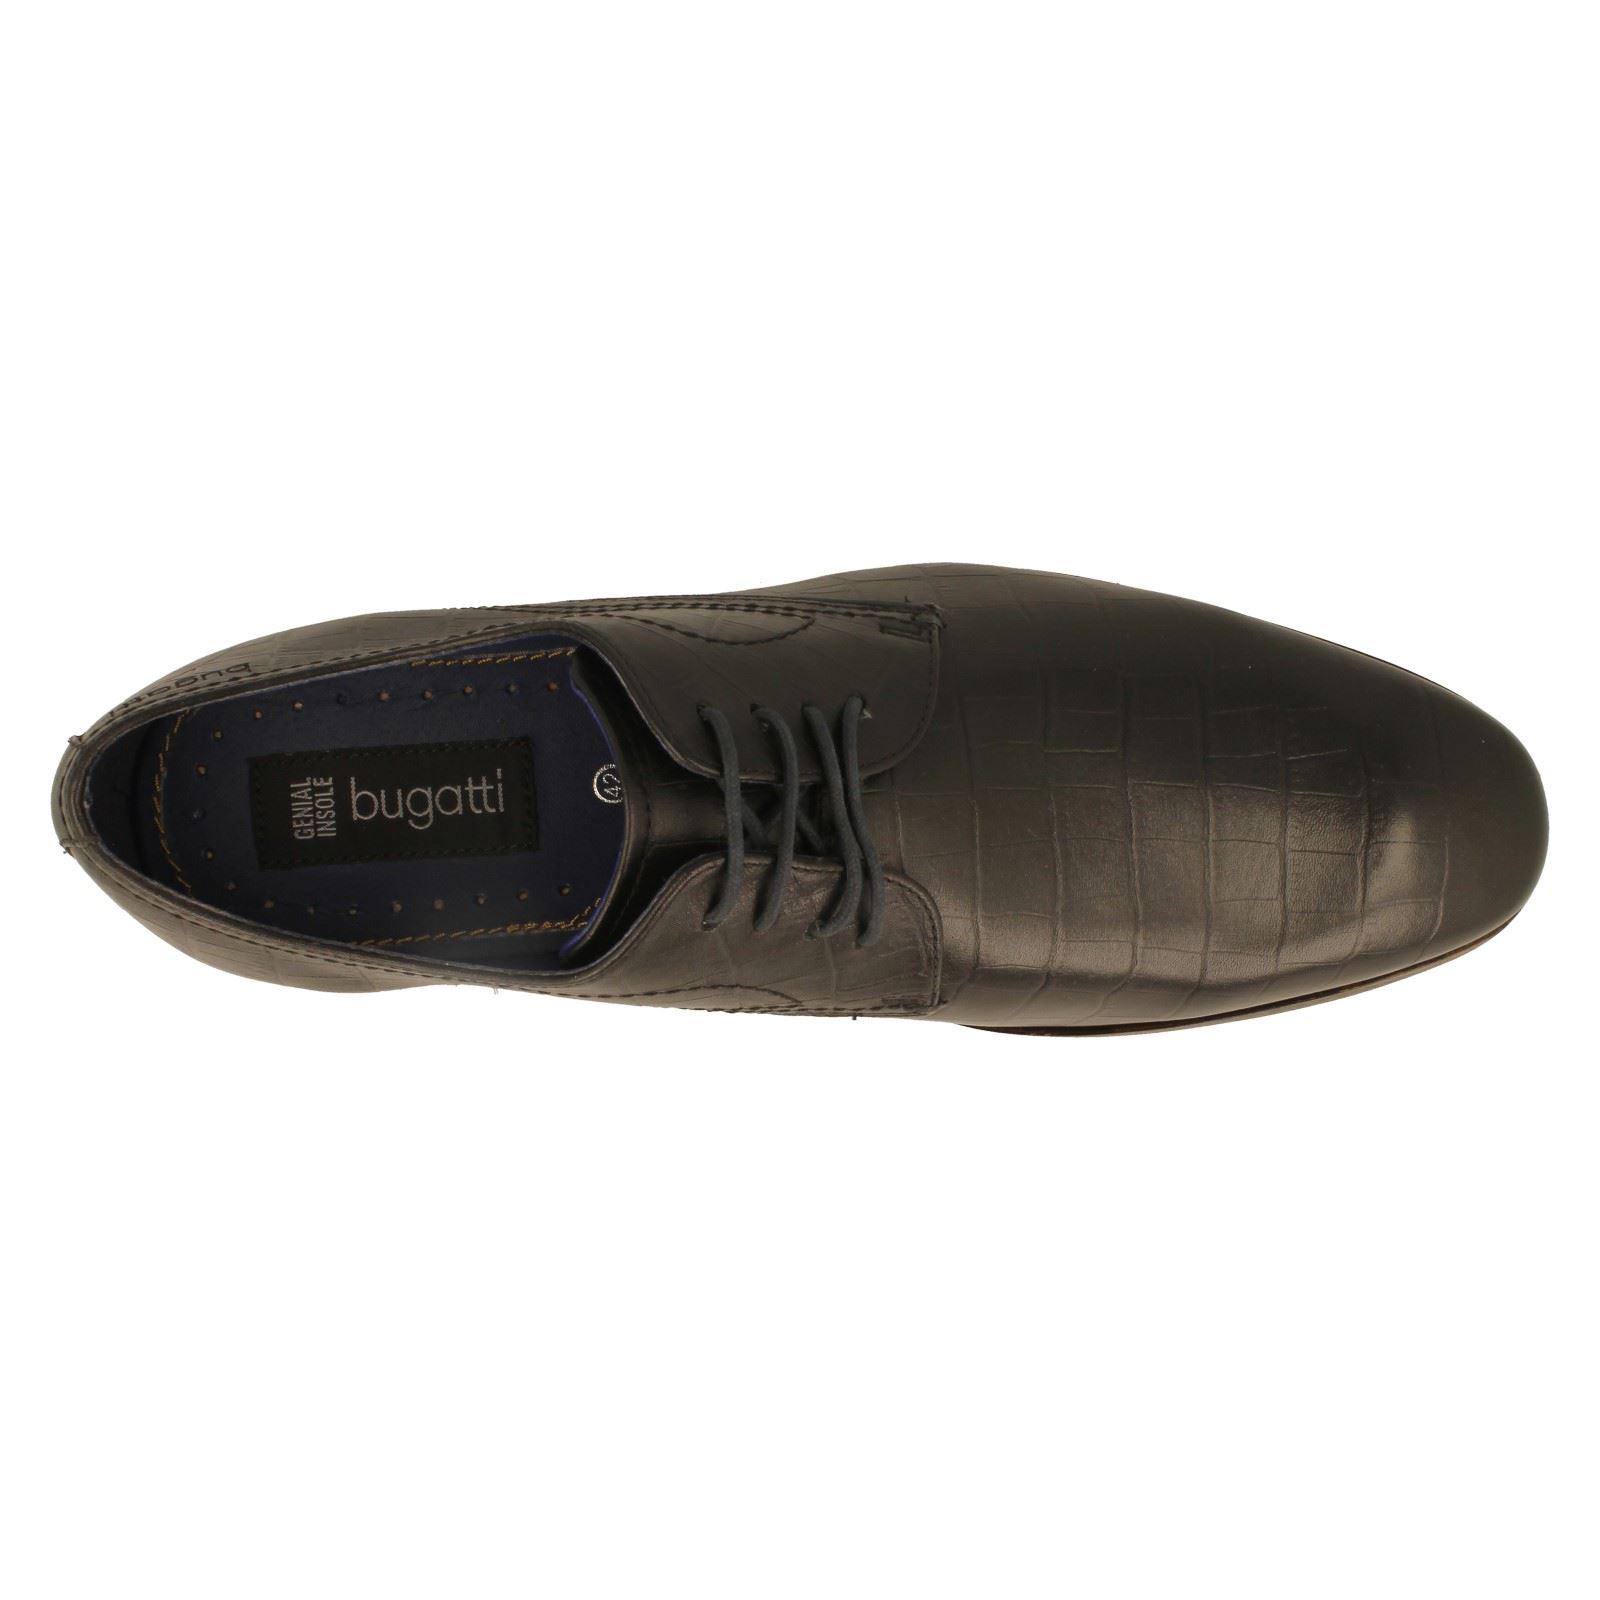 Uomo Label Bugatti Formal Lace-Up Schuhes Label Uomo 312-10501 -w 331410